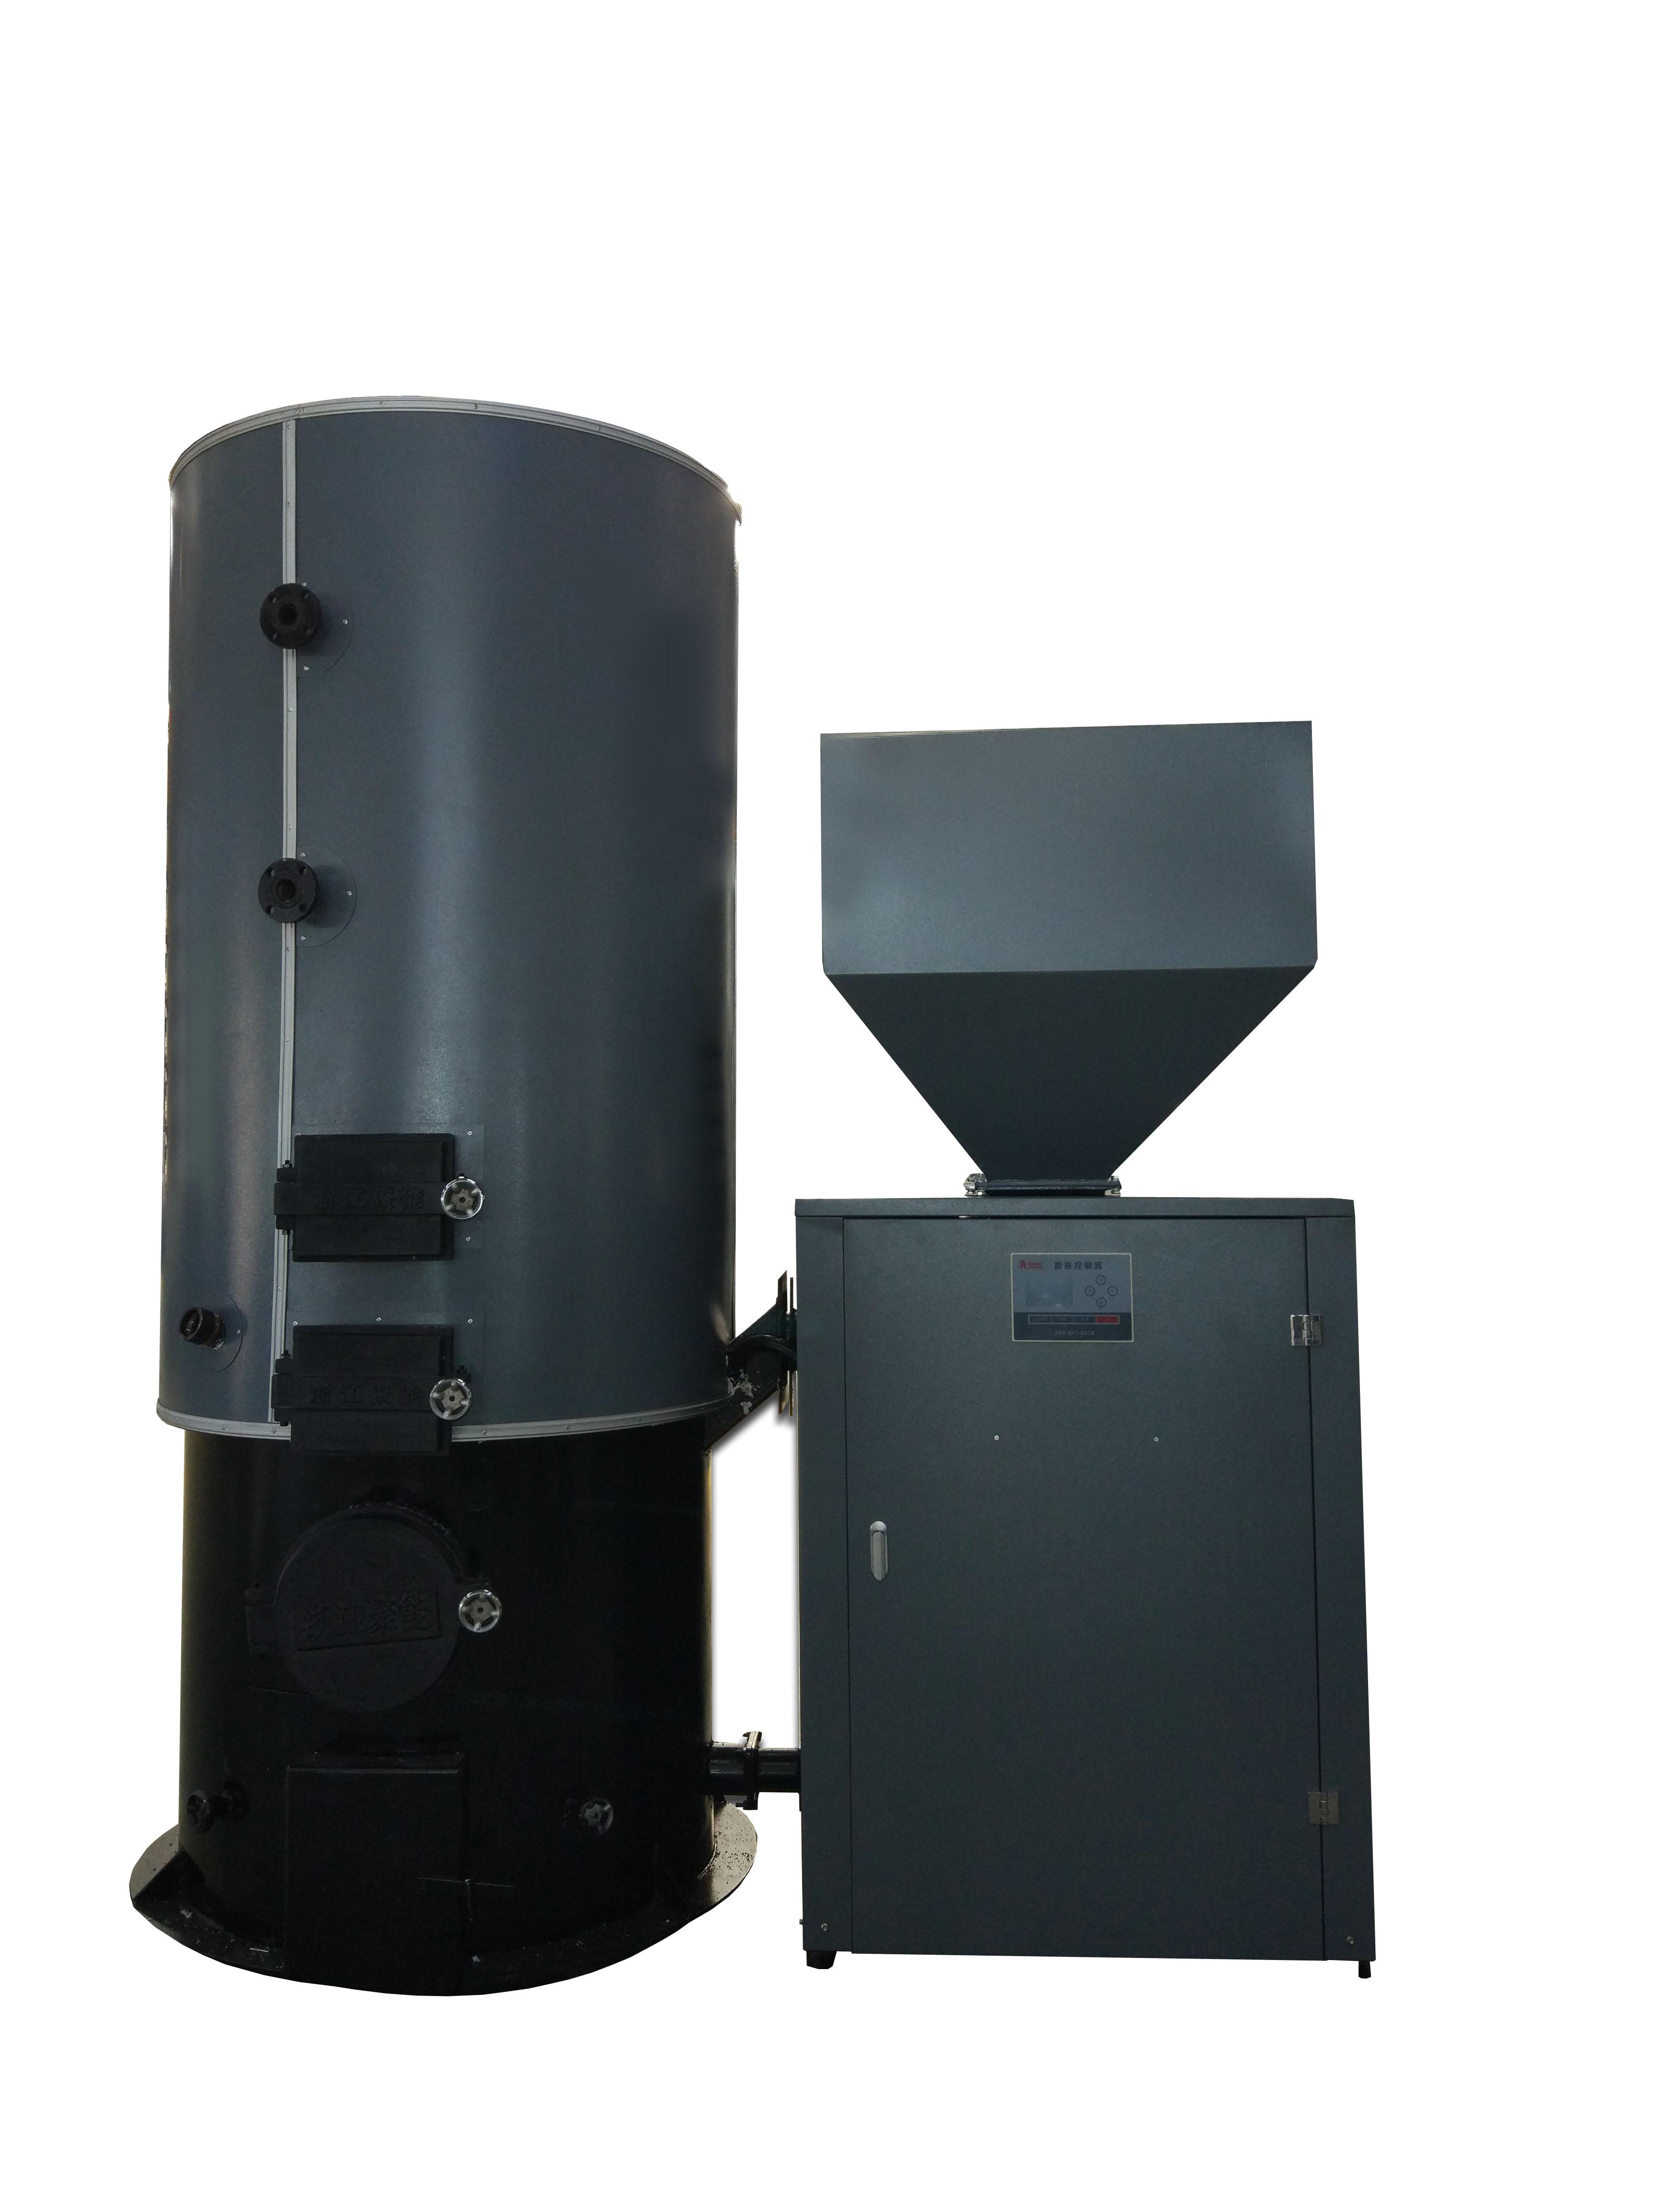 深圳优质真空热水锅炉供应商-申佳服装设备